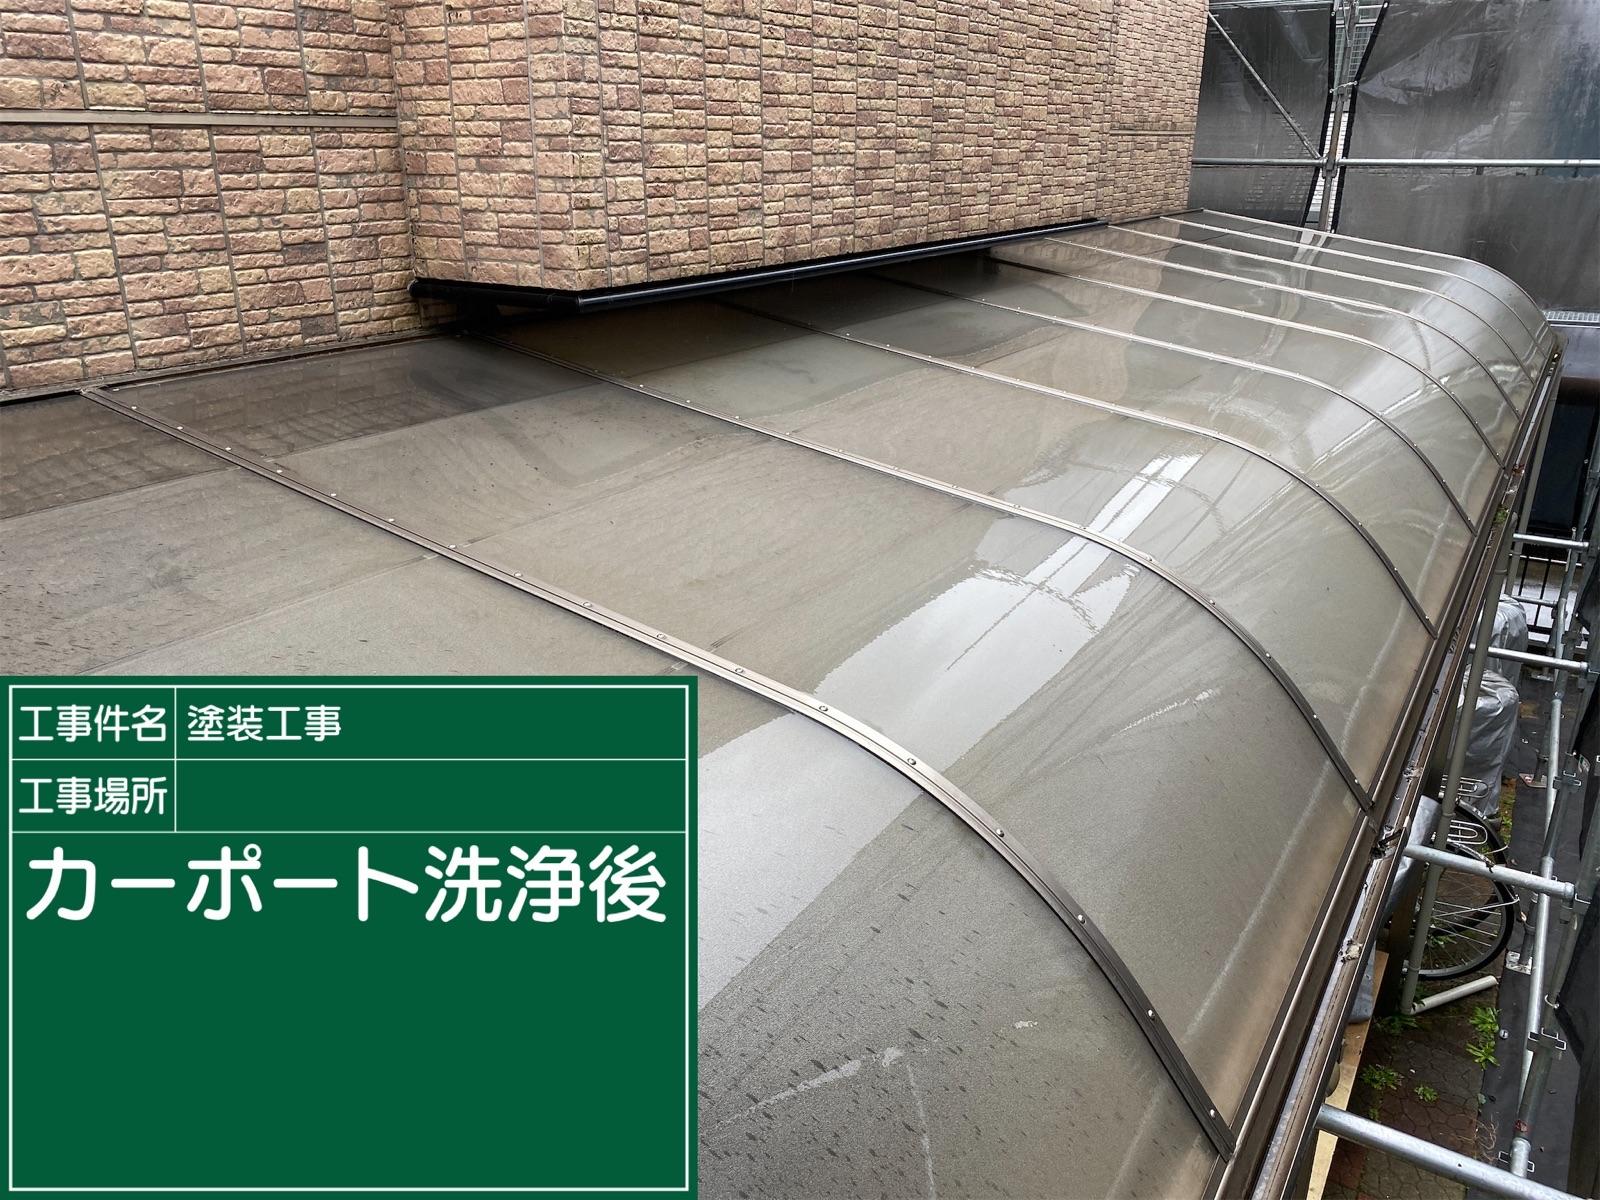 高圧洗浄カーポート_M00021 (2)